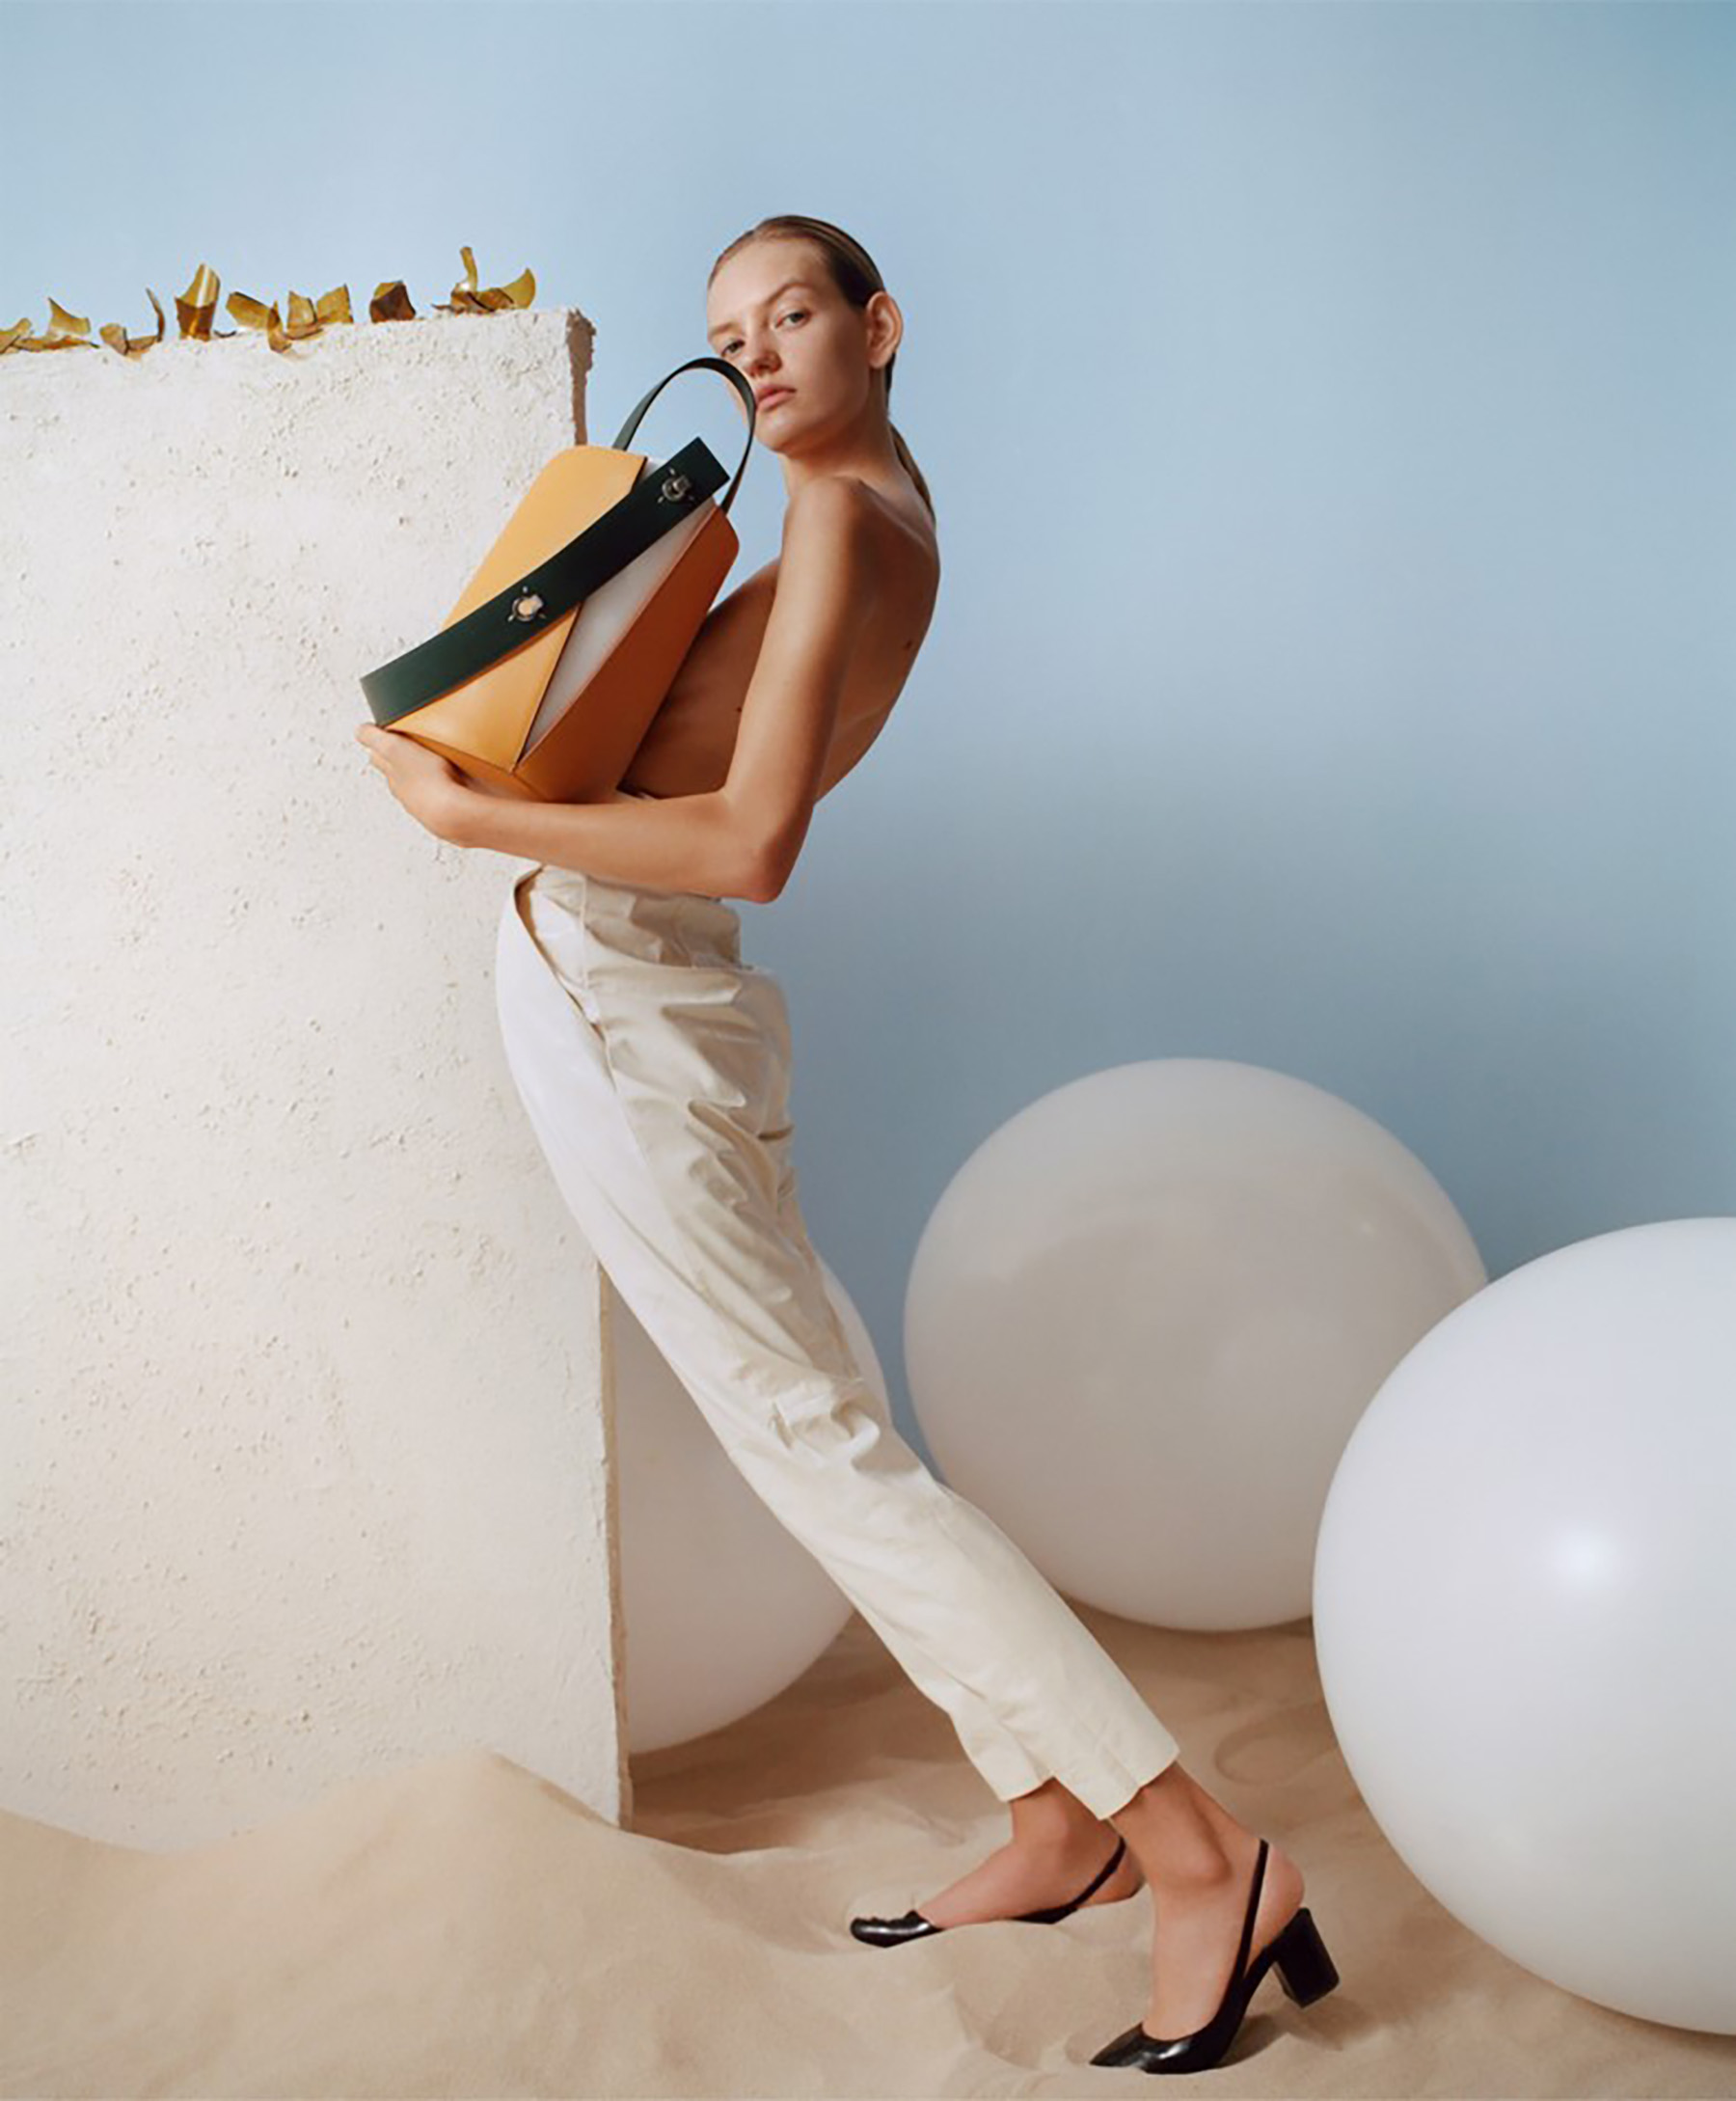 iGNANT-Fashion-Handbags-Brncui-Picasso-006